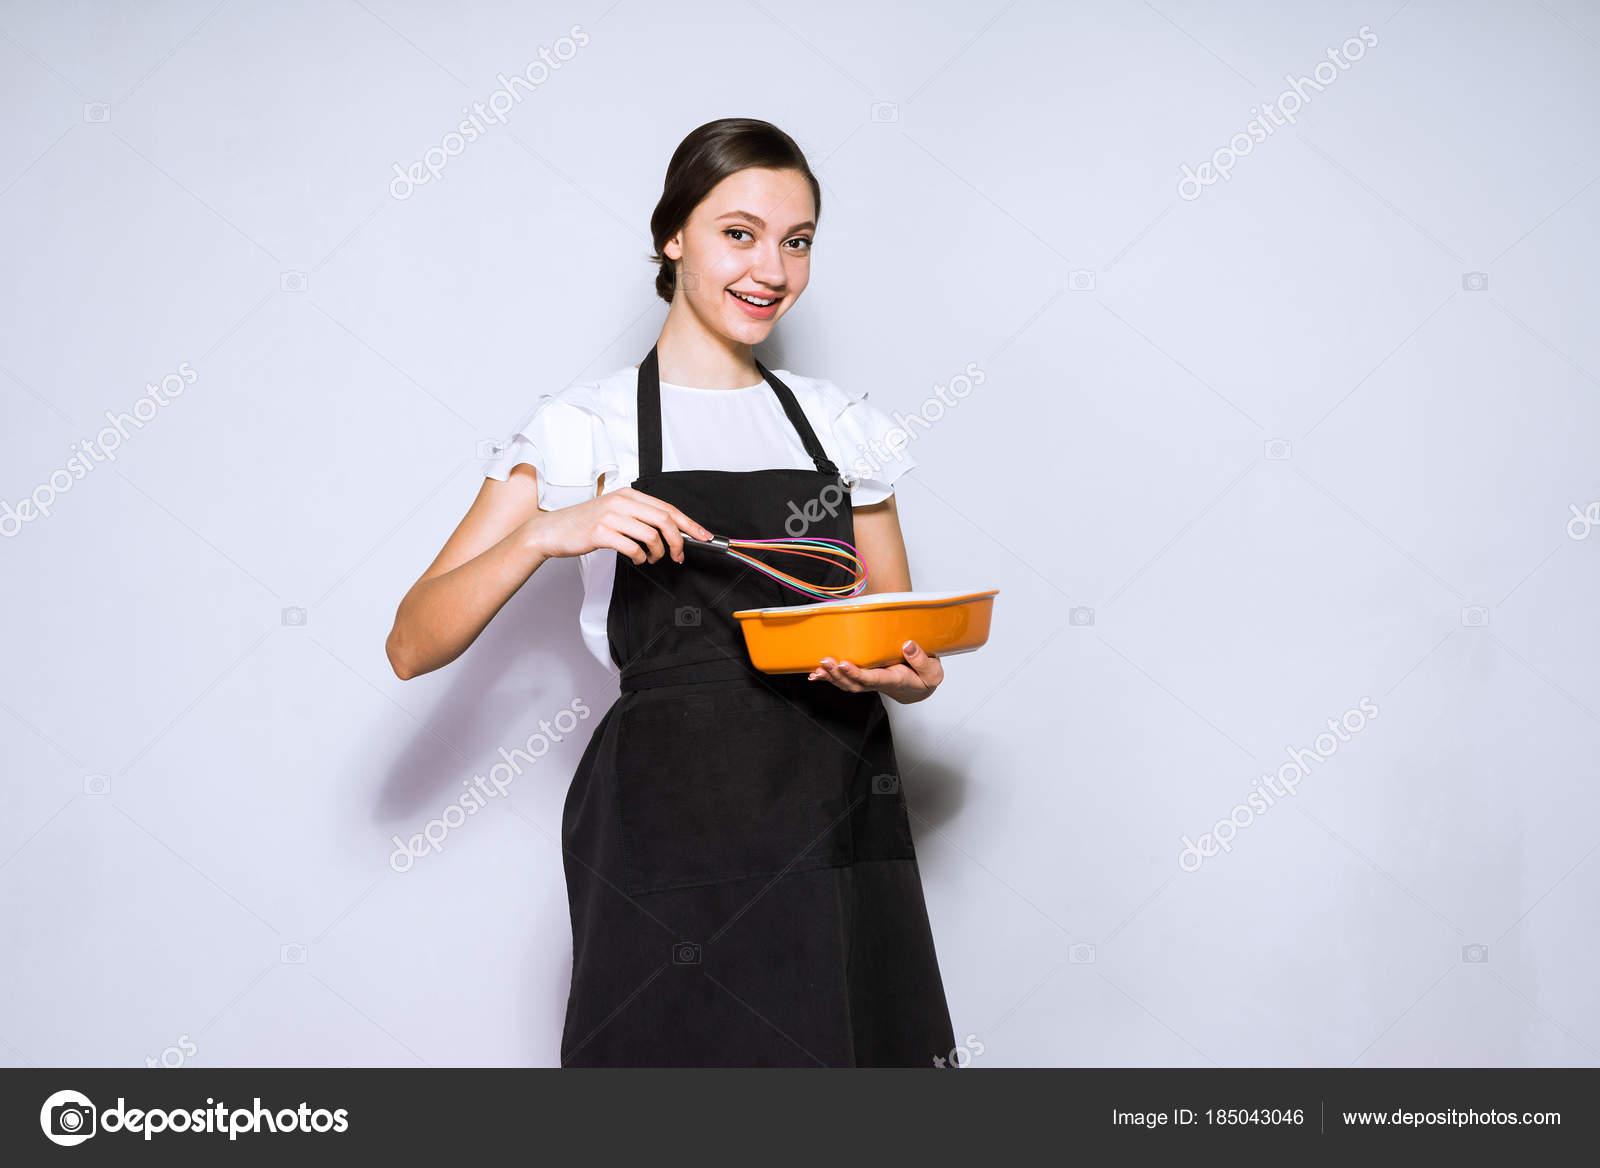 mamochki-anal-foto-krasivih-pirog-zhenshin-anal-pissing-rot